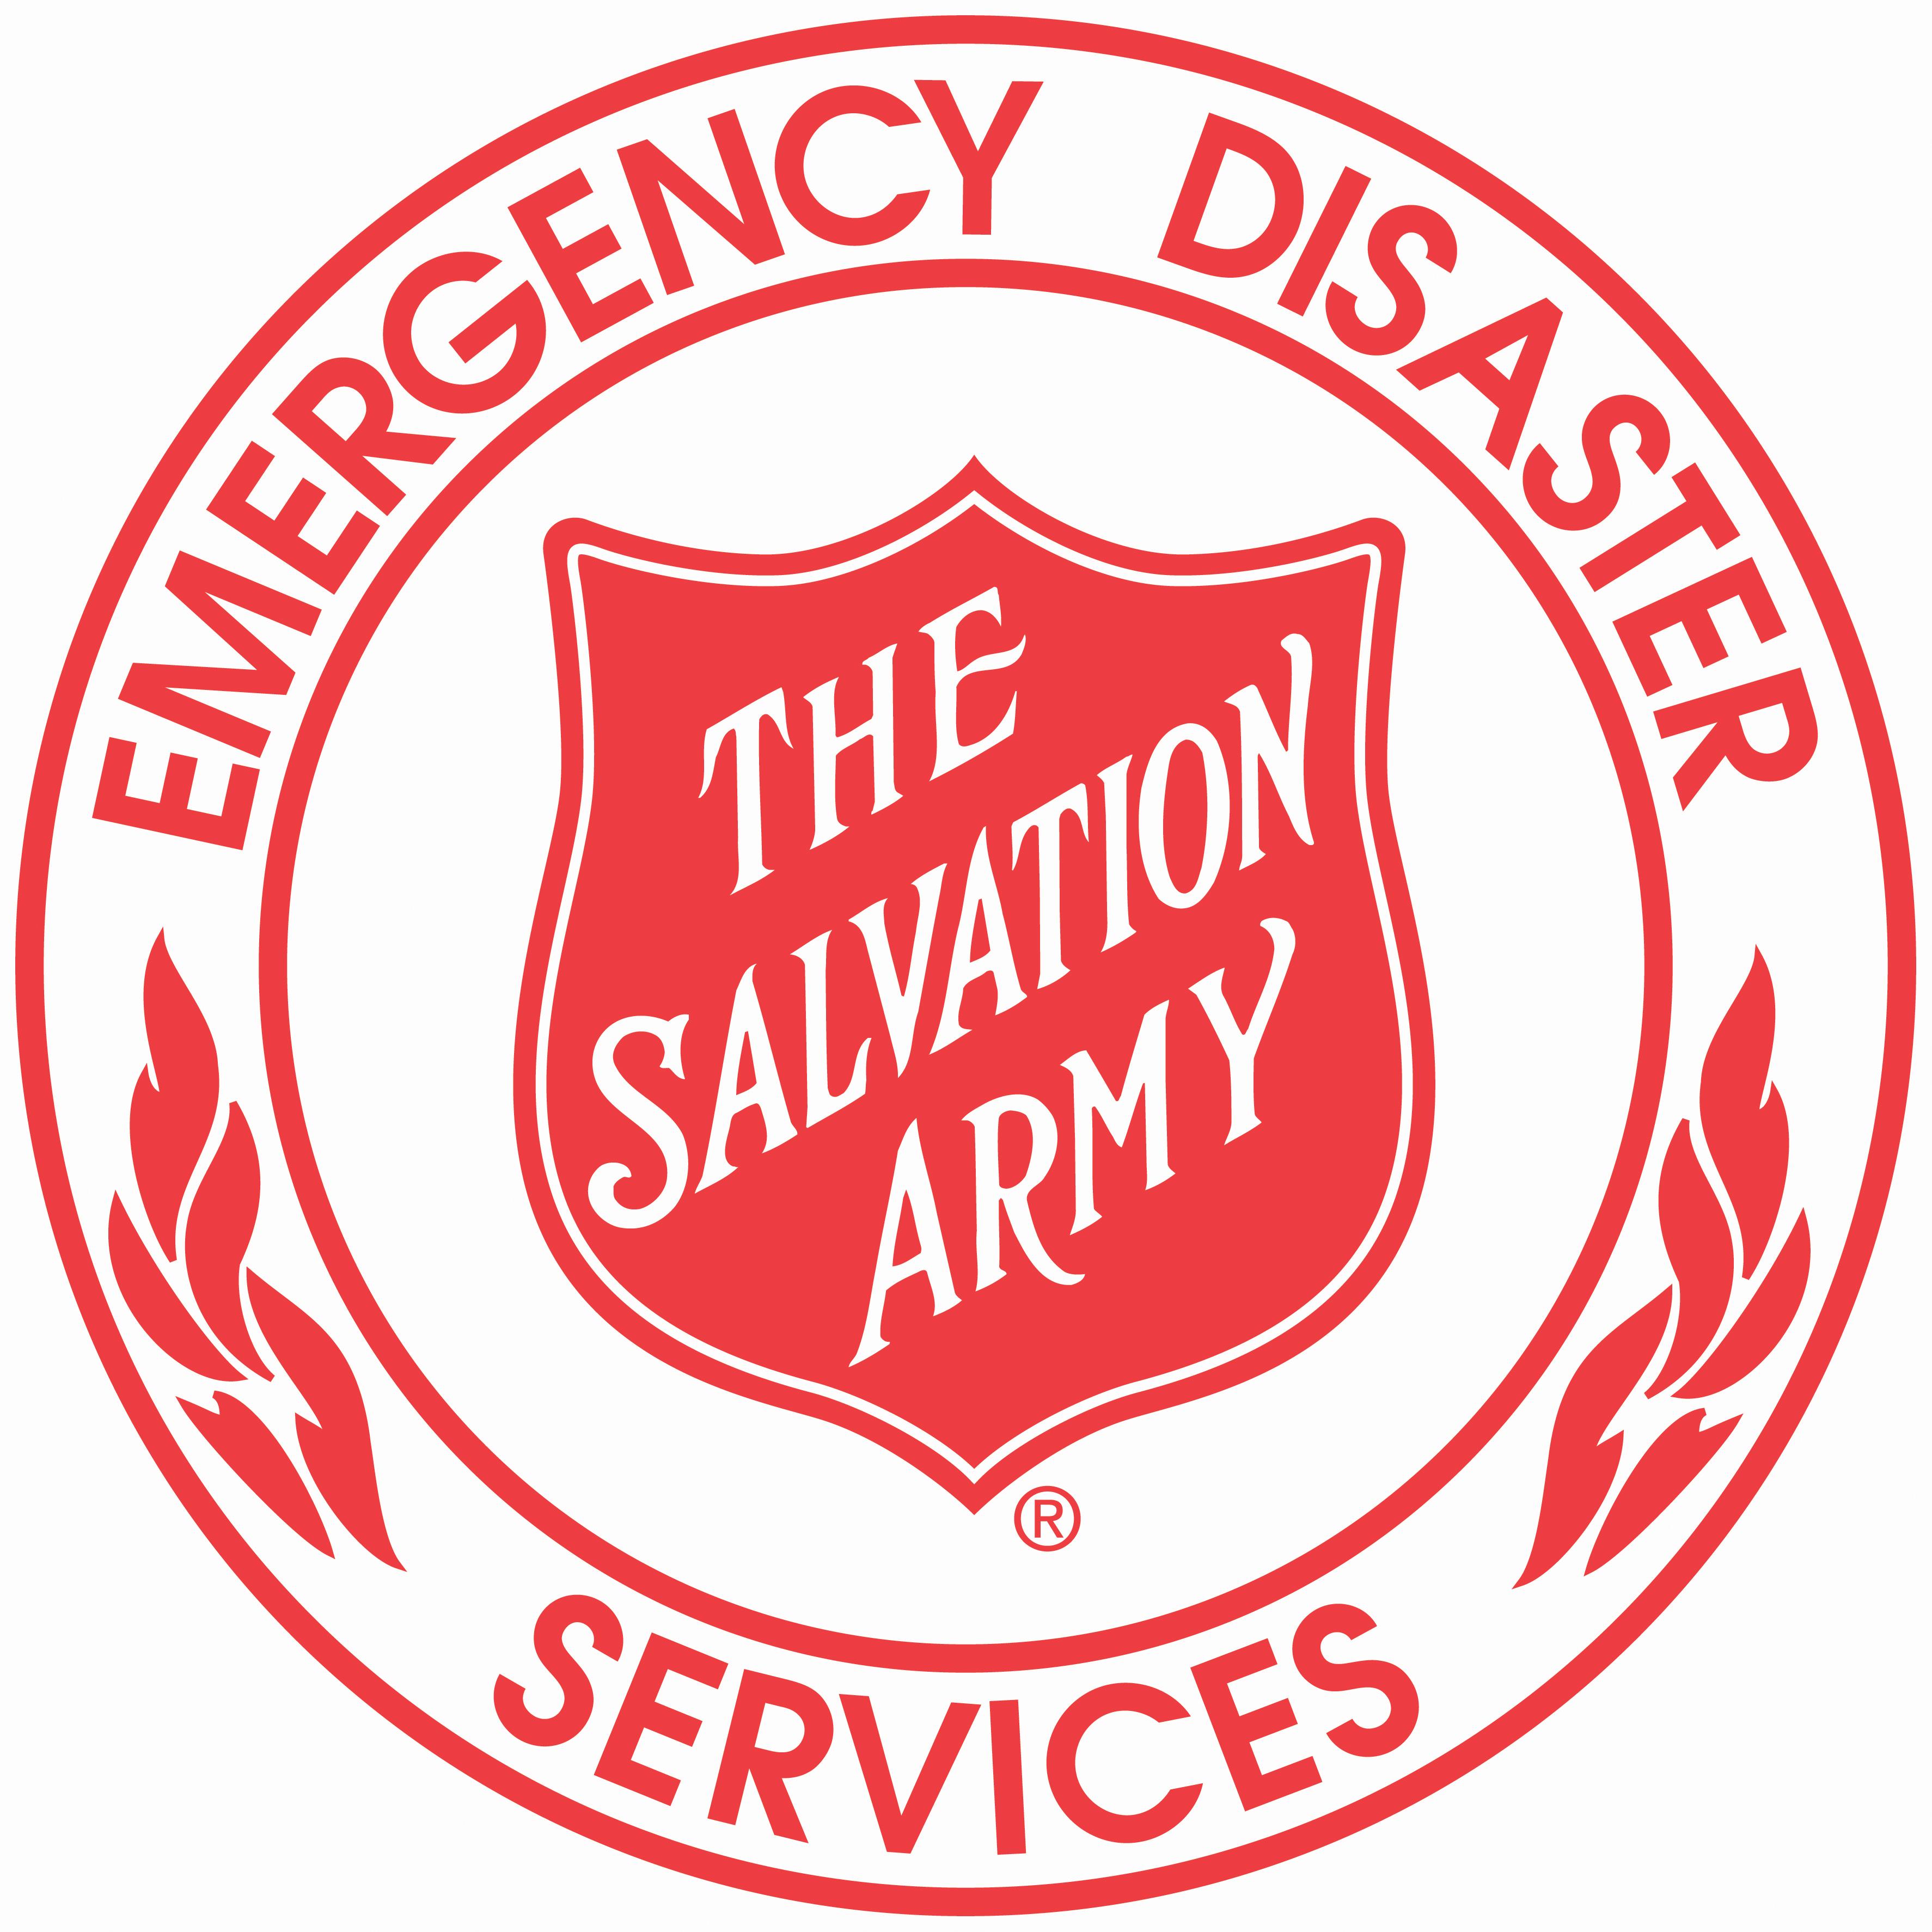 Emergencydisaster_logoclr